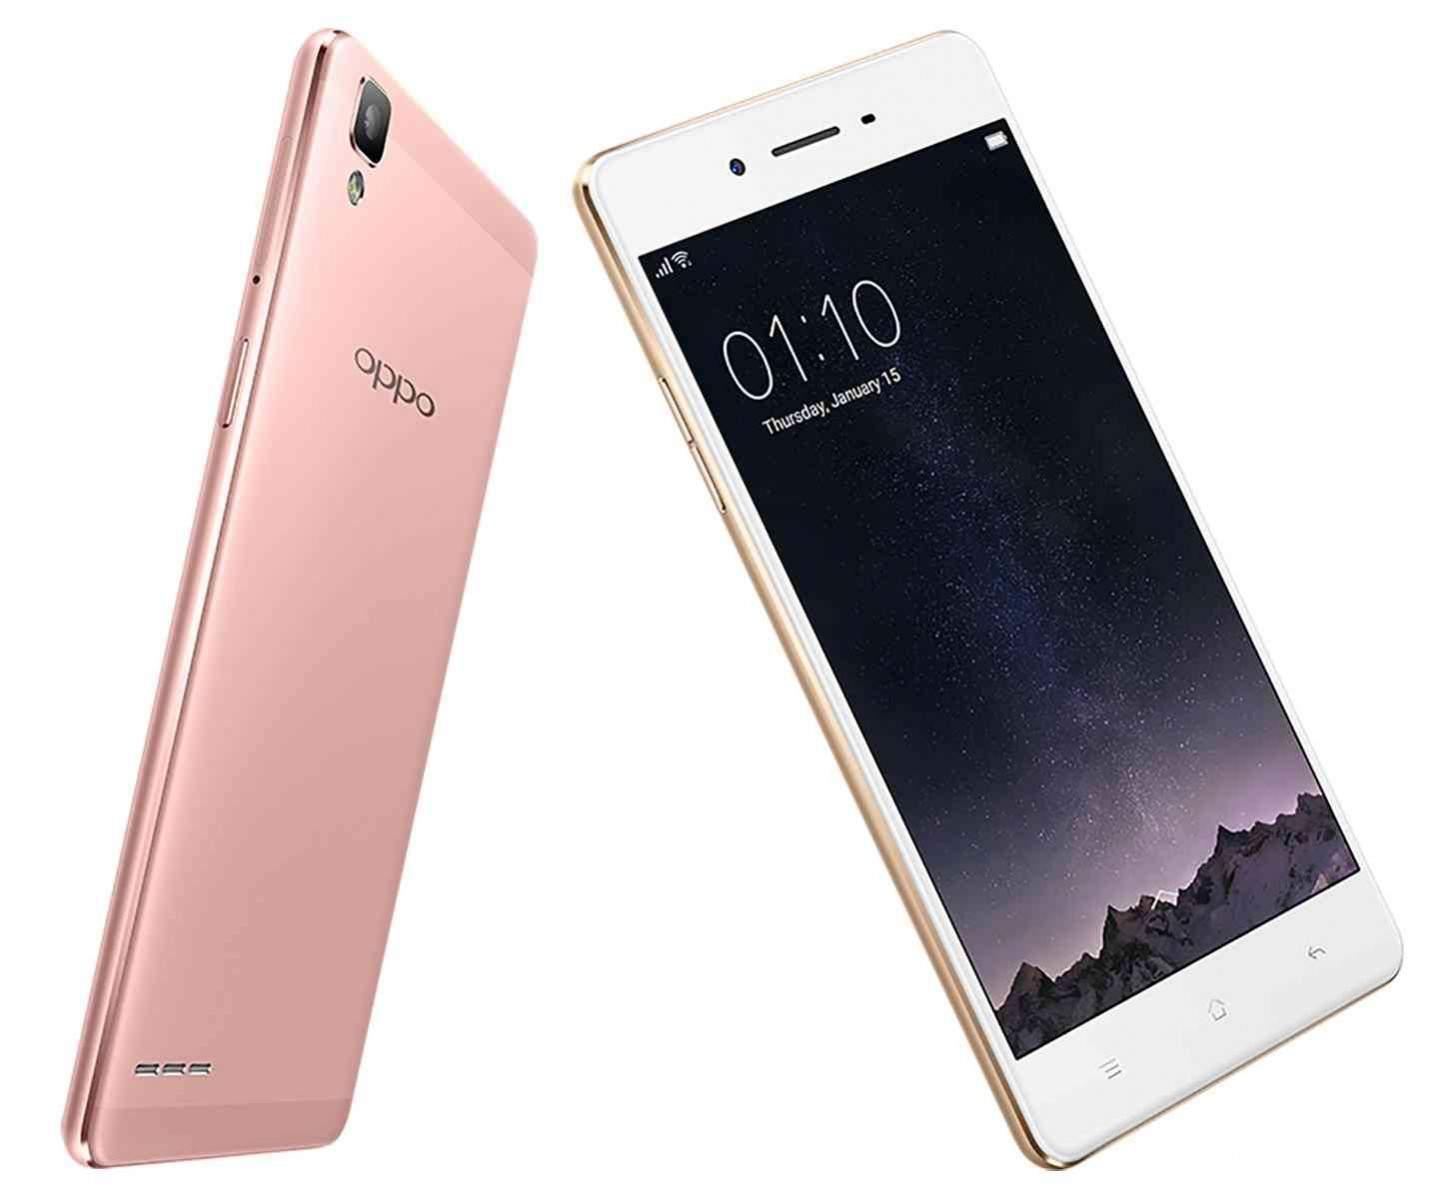 Harga Oppo Neo 7 A33w Spesifikasi Desember 2018 Pricebook Find 7a Ram 2gb 16gb Putih Termurah Hape Android Sejutaan Di Promo Harbolnas 2016